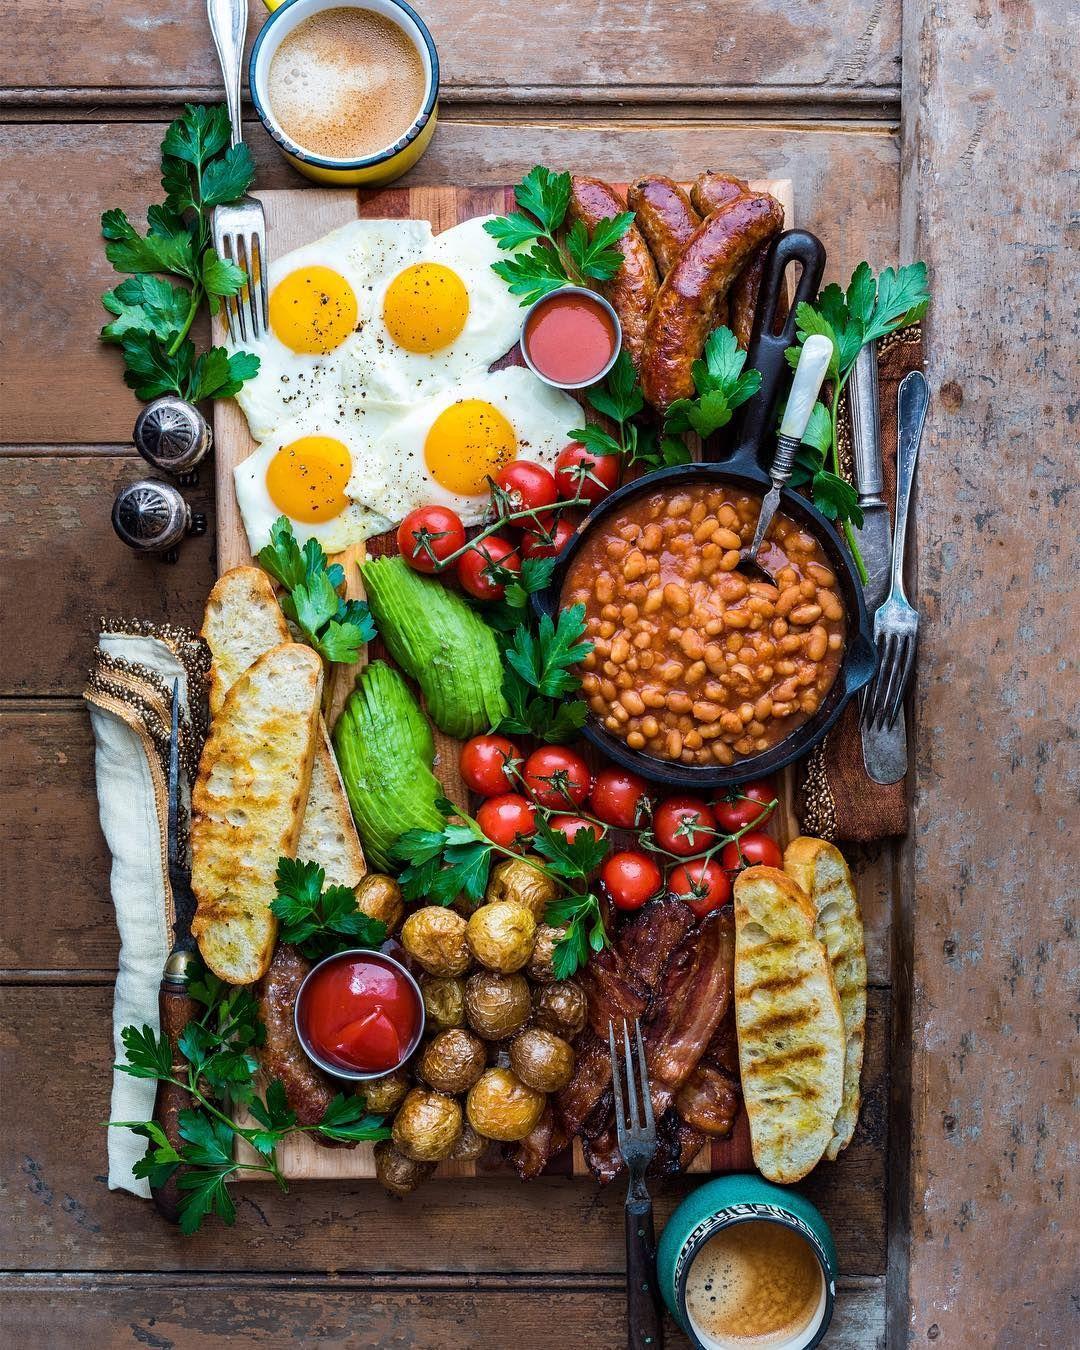 Full English Breakfast dennistheprescott Breakfast in